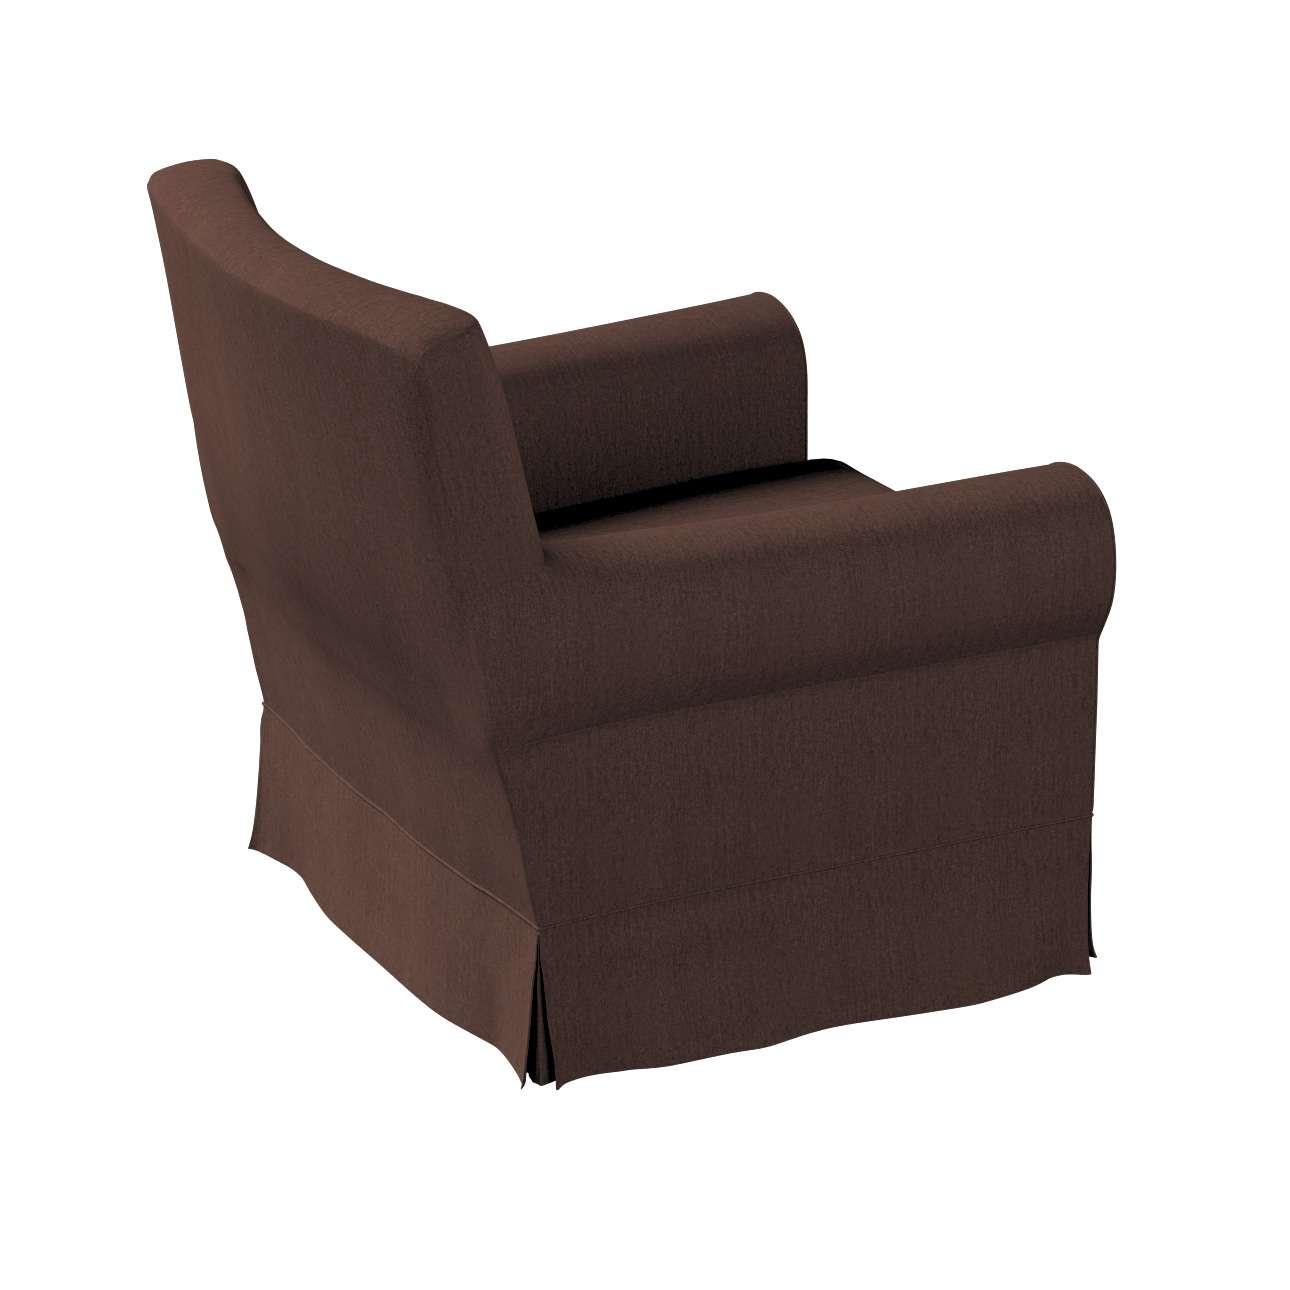 EKTORP JENNYLUND fotelio užvalkalas kolekcijoje Chenille, audinys: 702-18